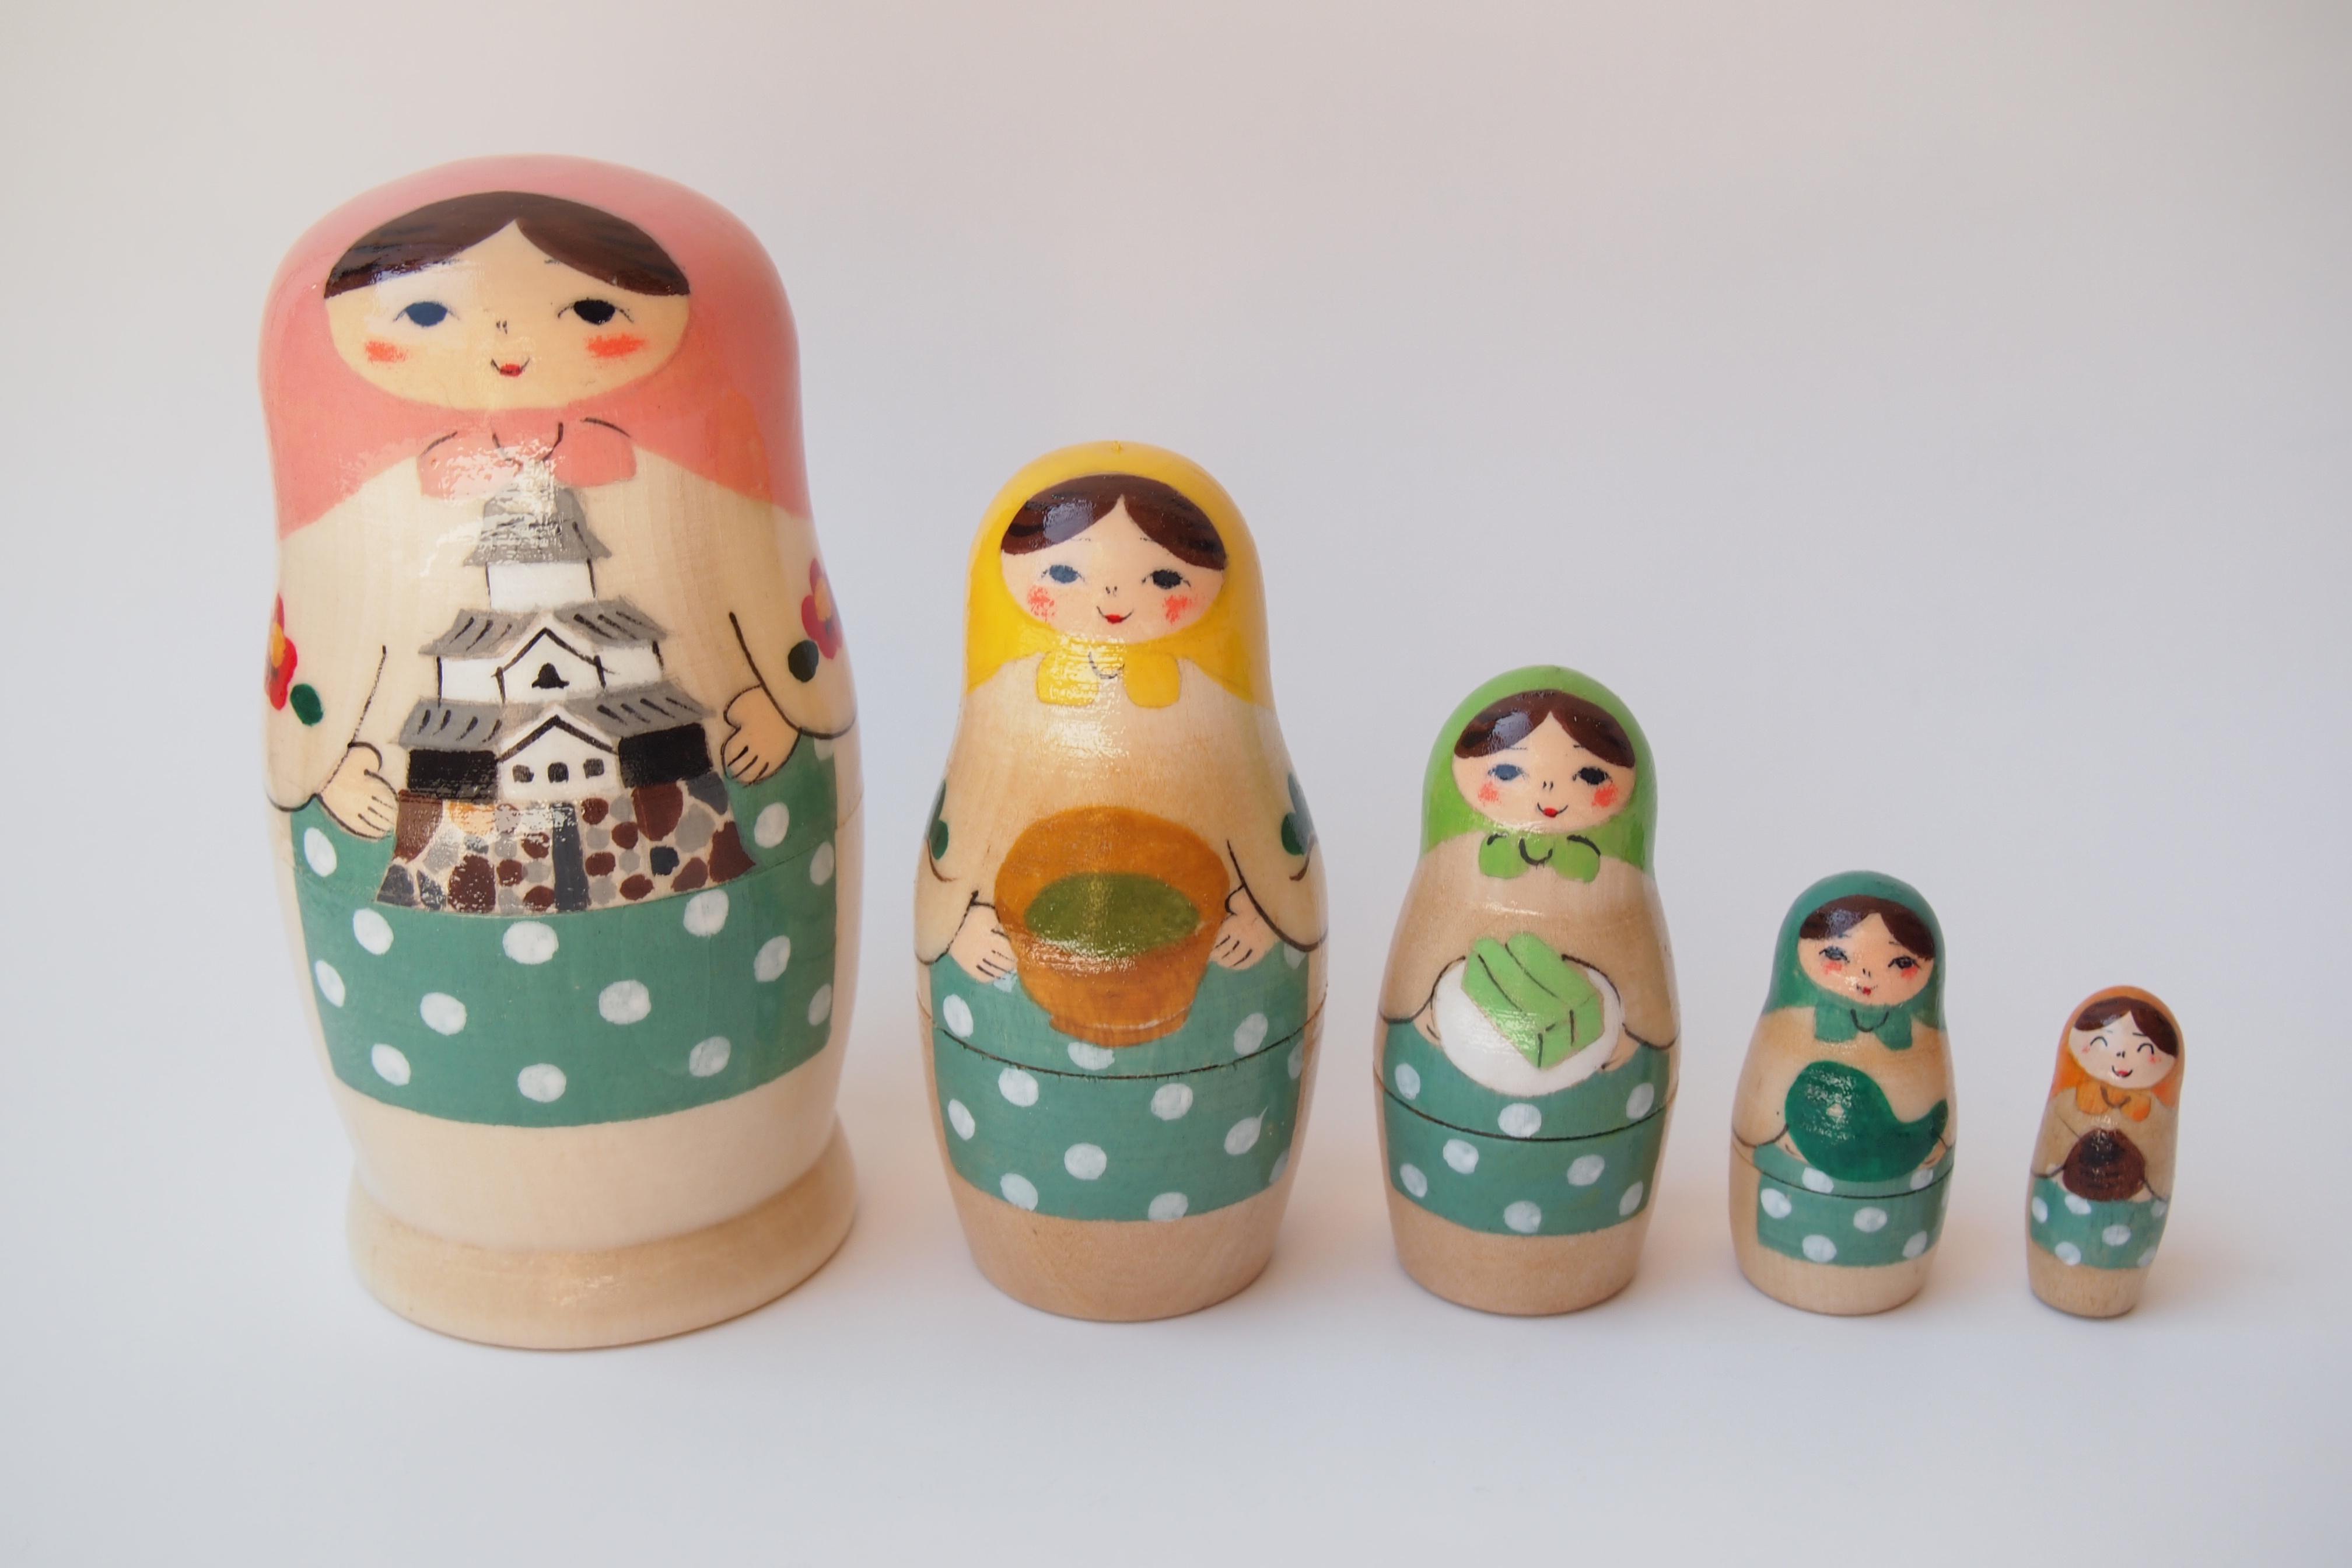 それぞれ松江名物を手にする「マツエーシカ」5人組5,000円